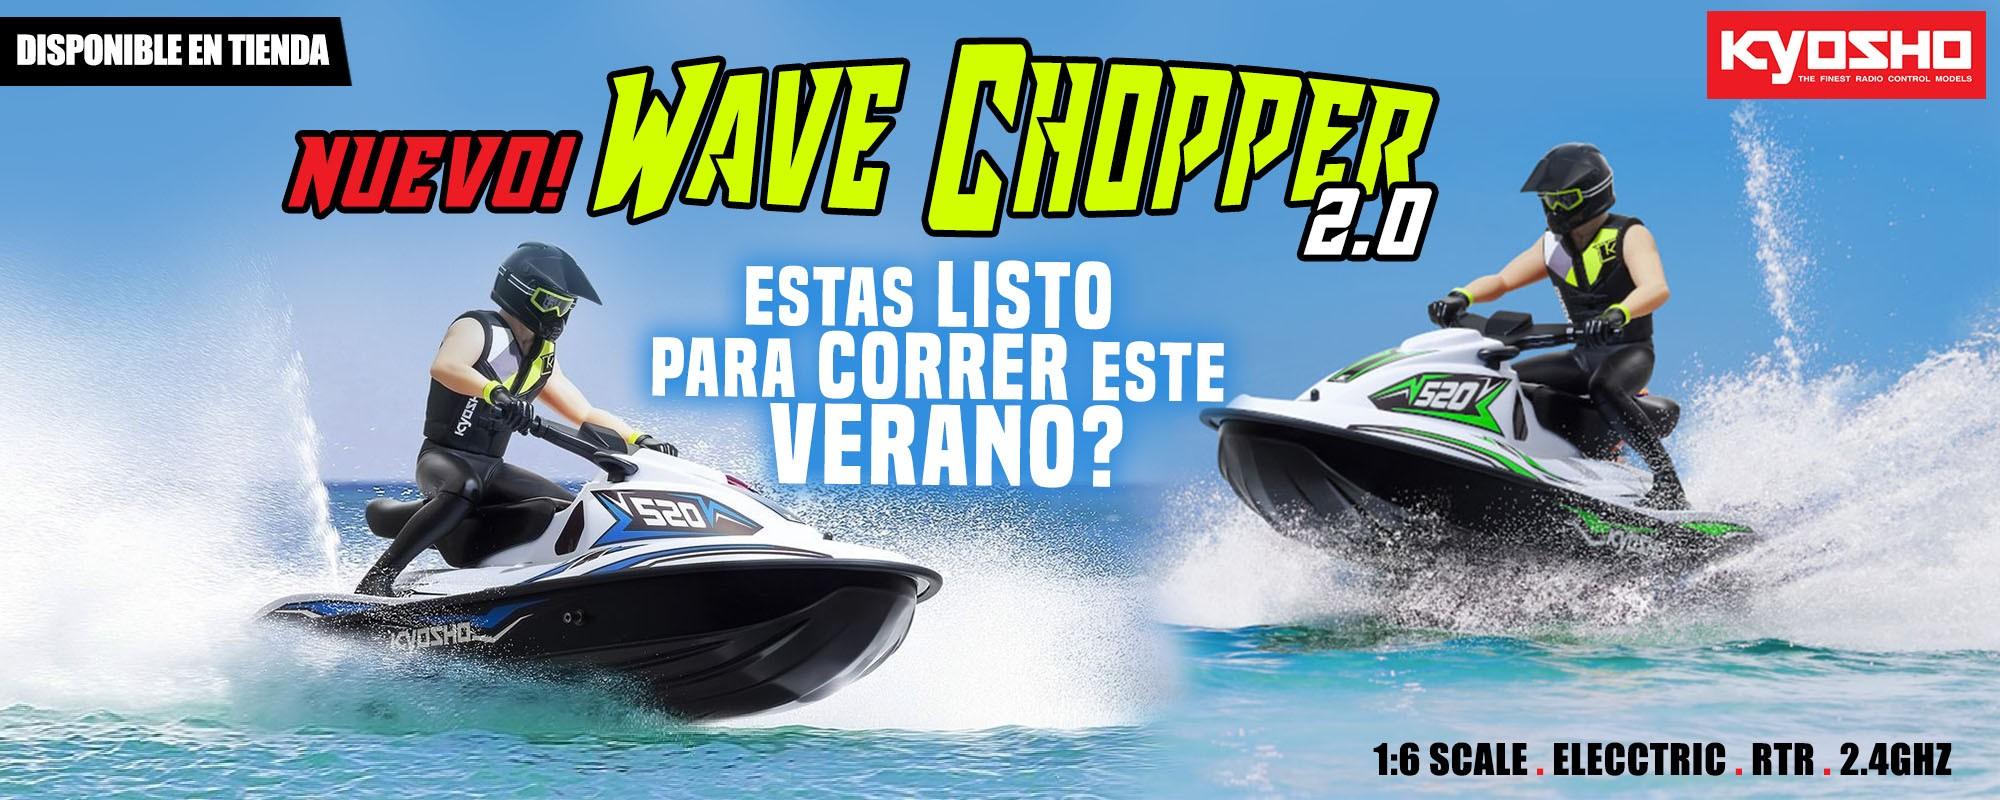 WAVE CHOPPER